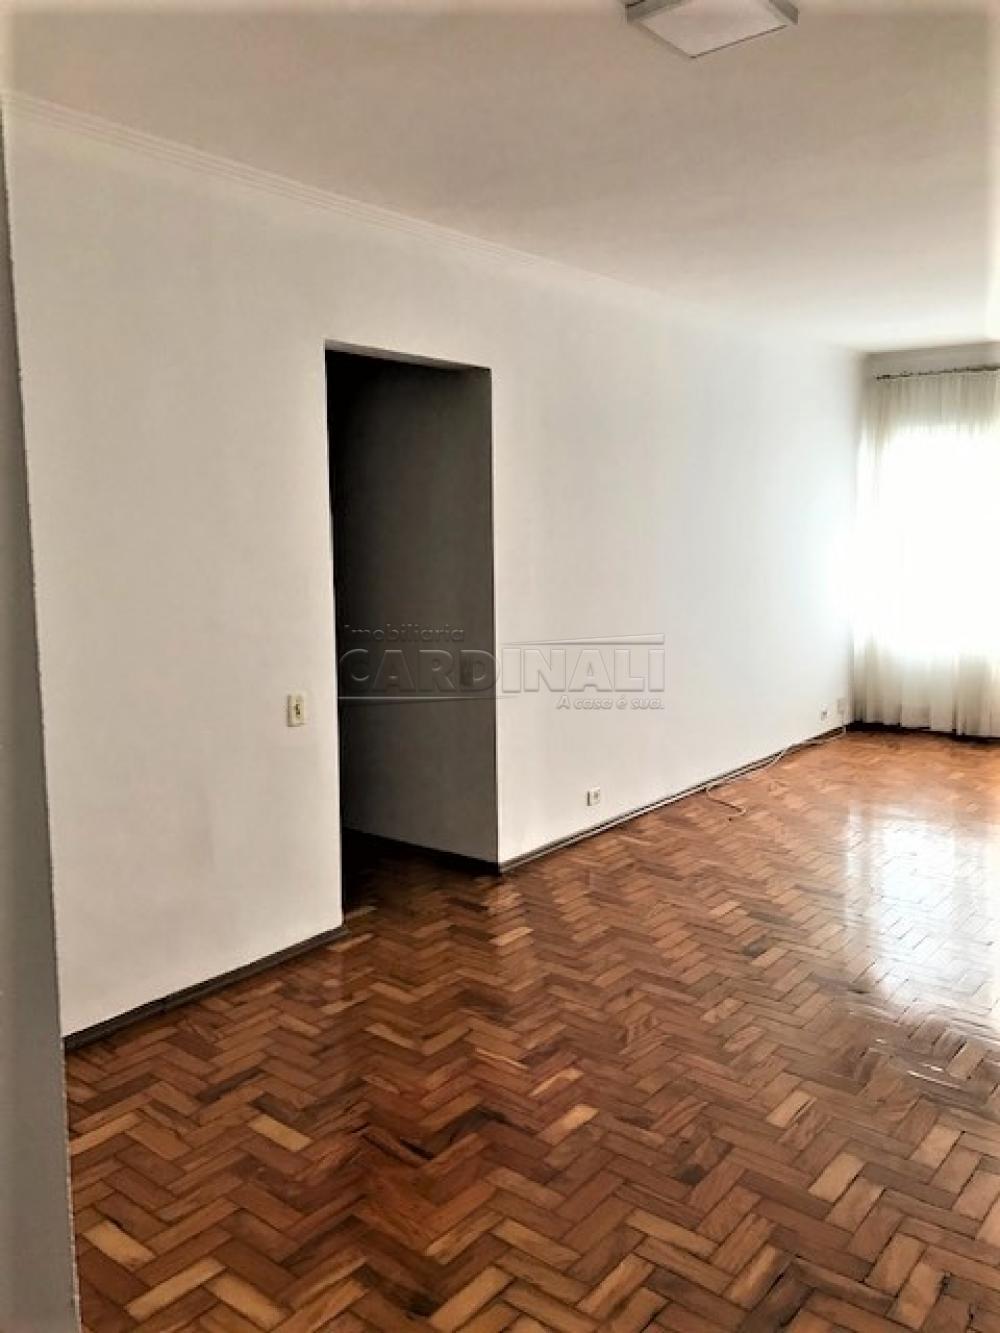 Comprar Apartamento / Padrão em São Carlos R$ 370.000,00 - Foto 9